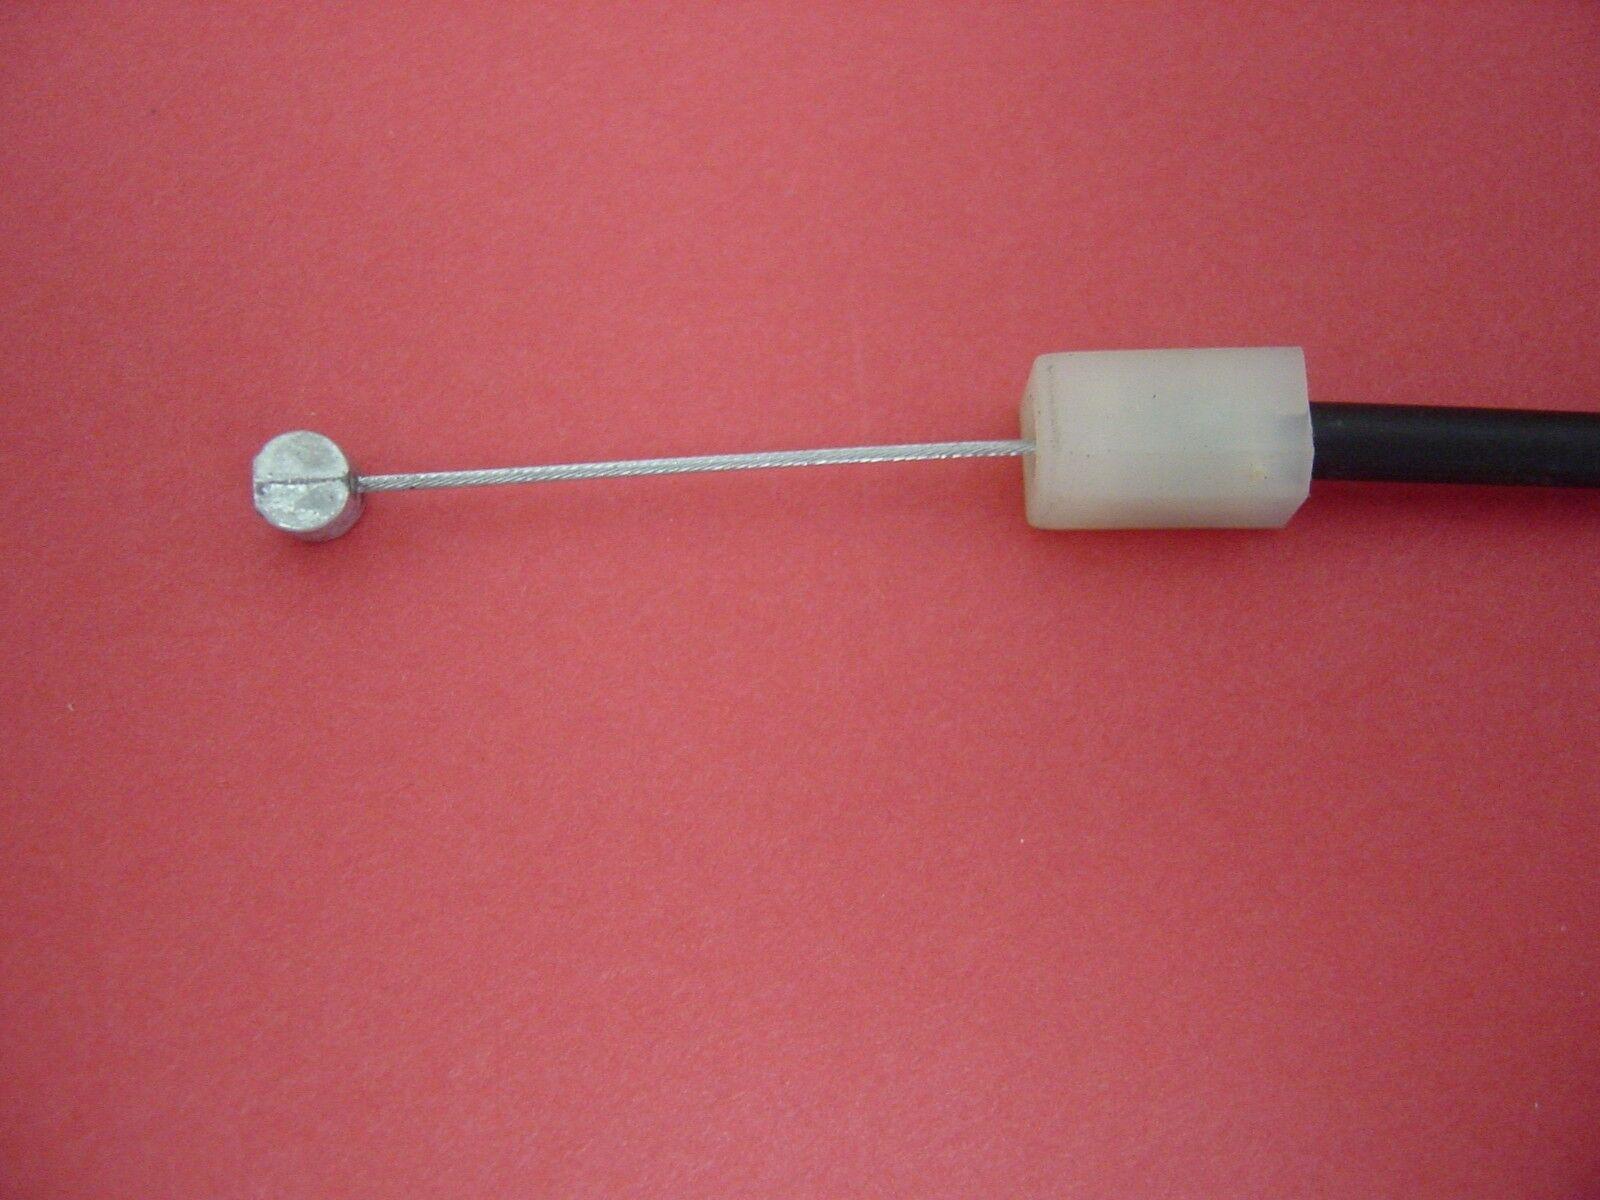 Throttle Cable Homelite 20av 23av 25av 27av RY74003D A07596B 900845001 US Seller